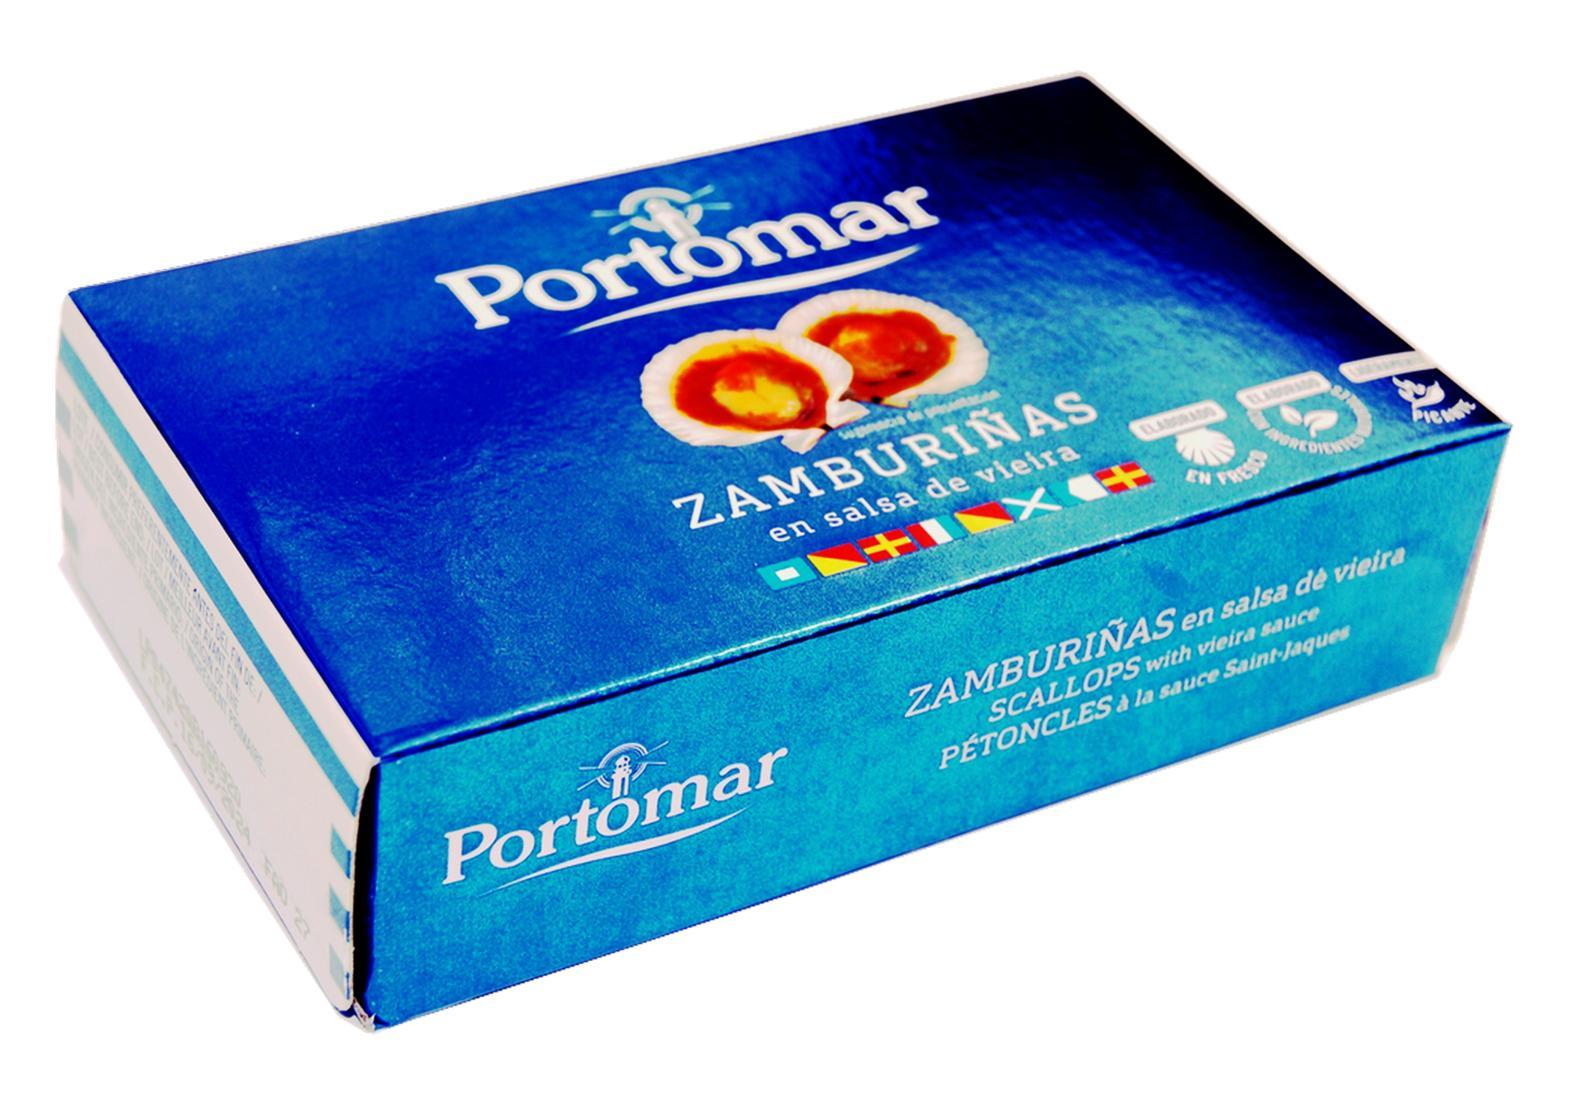 Noix de pétoncles - Portomar - Conserves de poissons et crustacés - Galice - Espagne